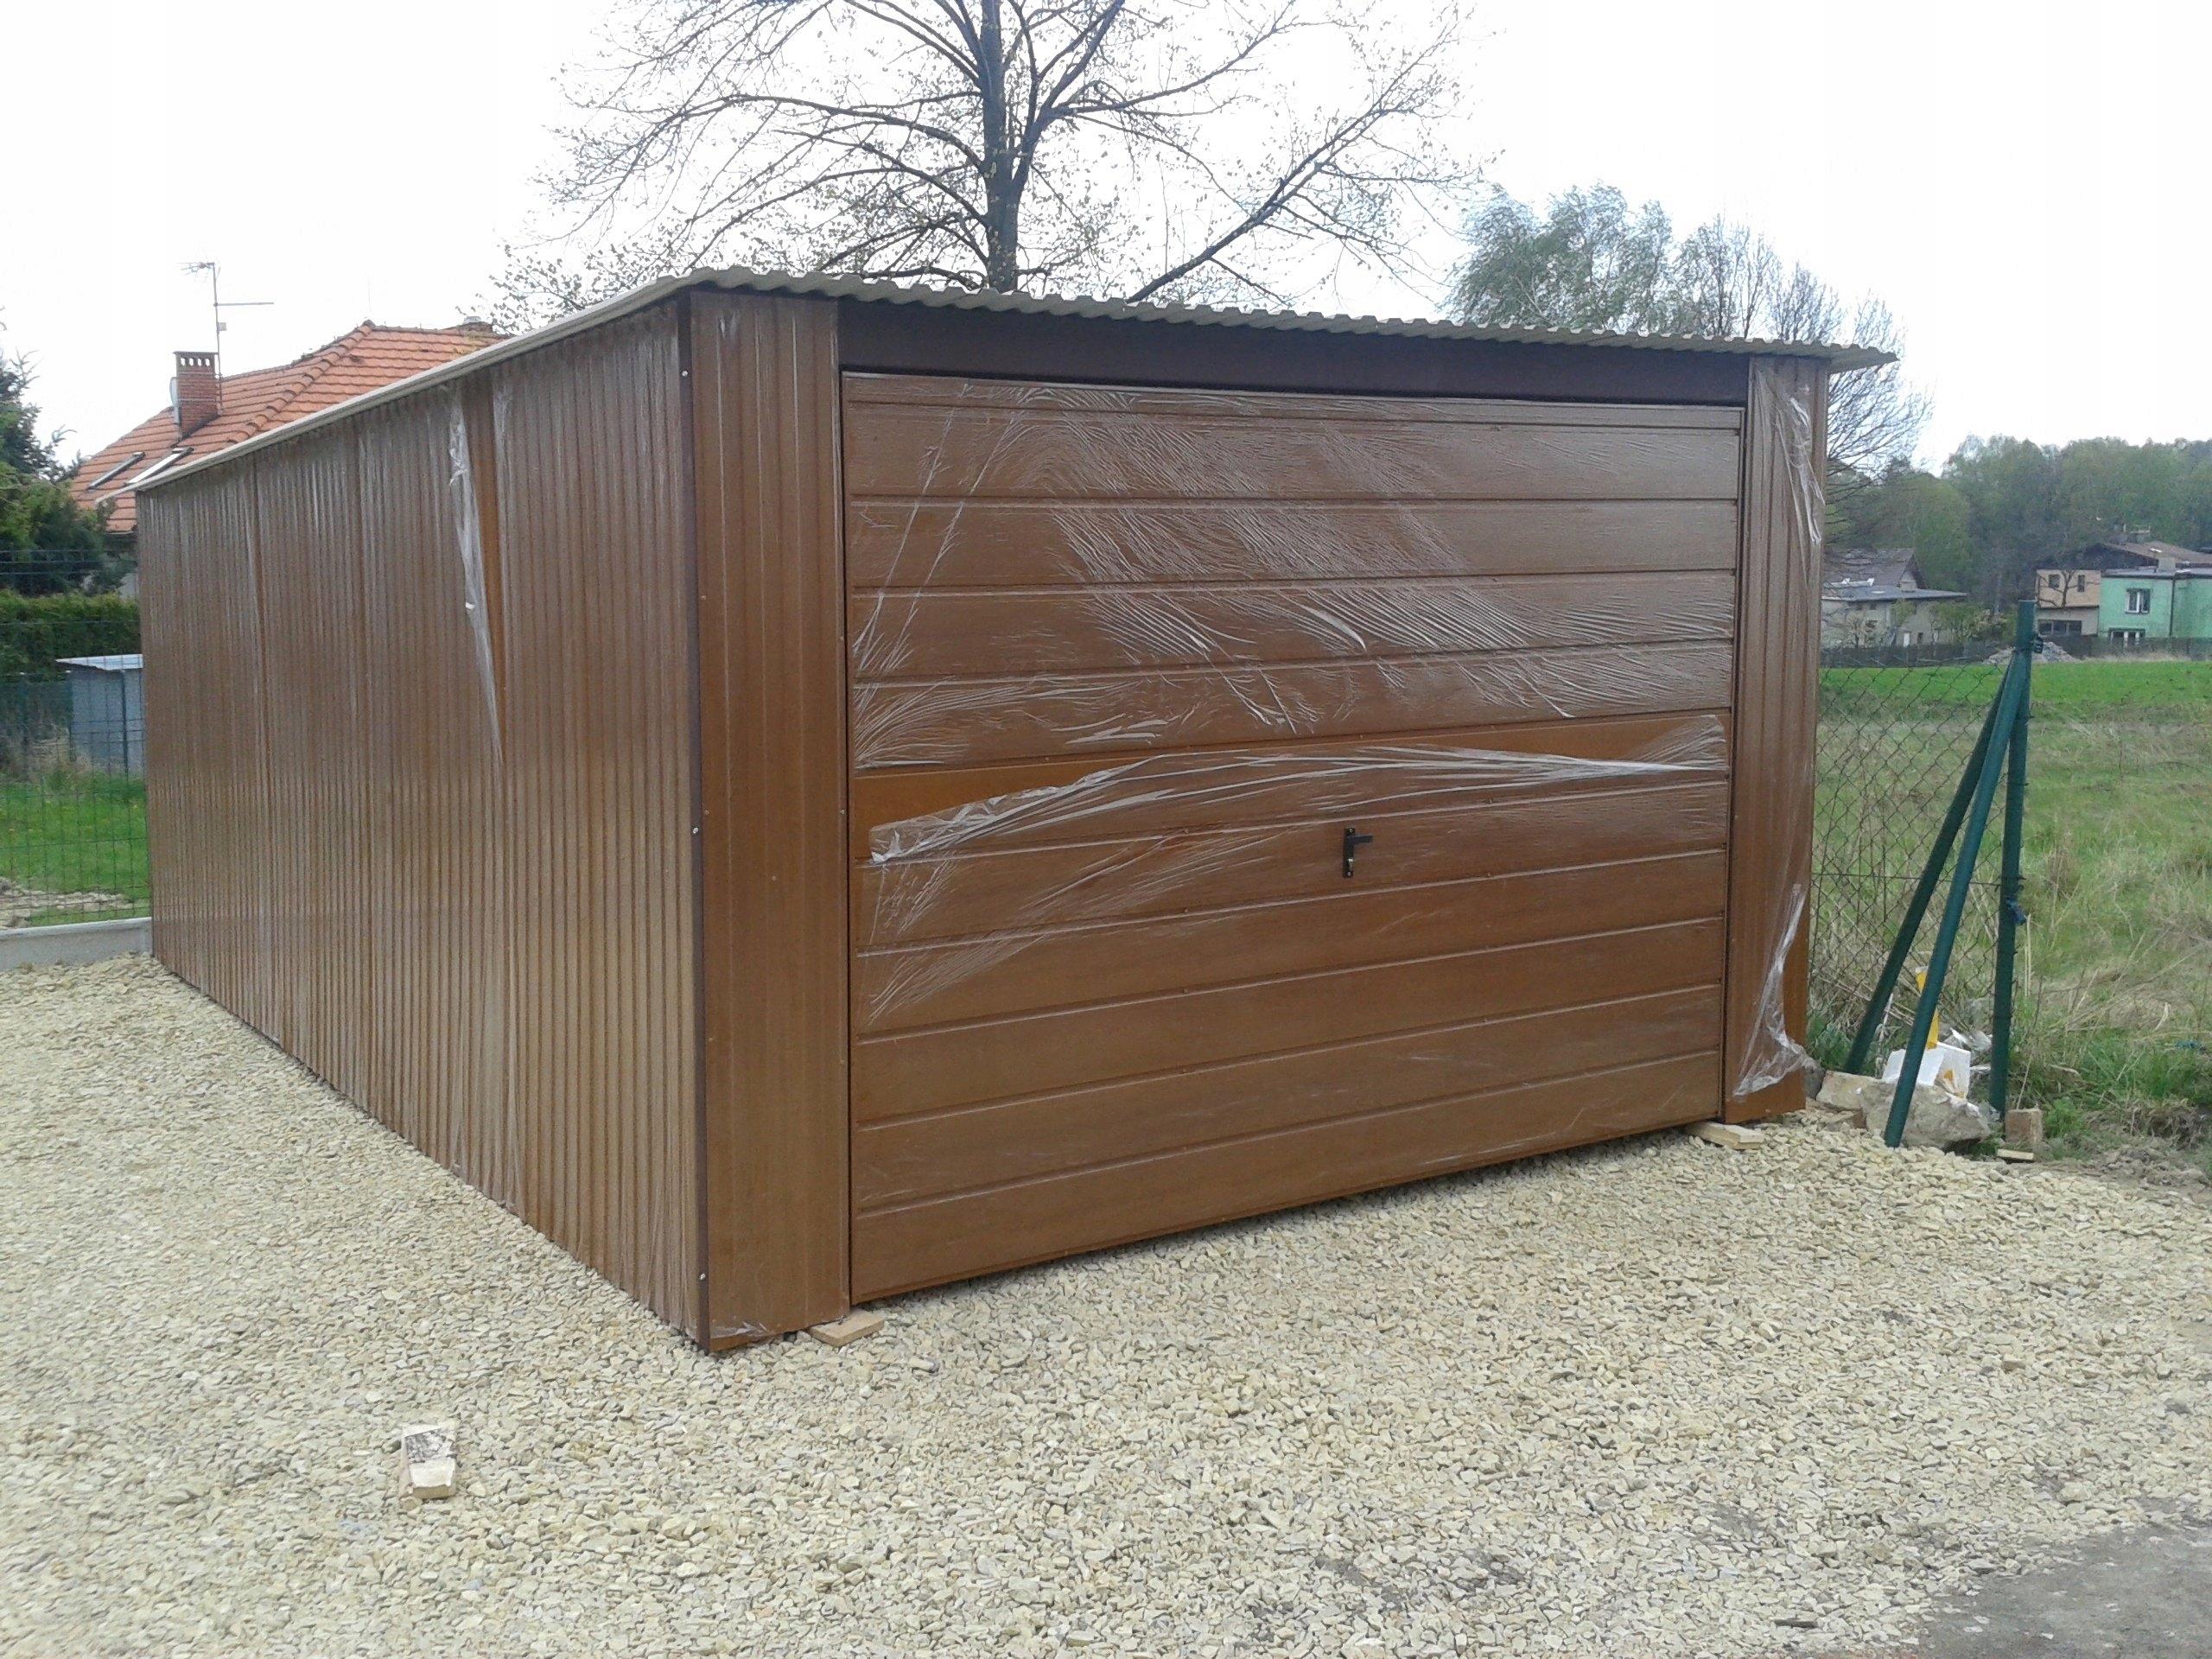 Garaż Blaszany Całoroczny Wiata Blaszak 4x5 6834256602